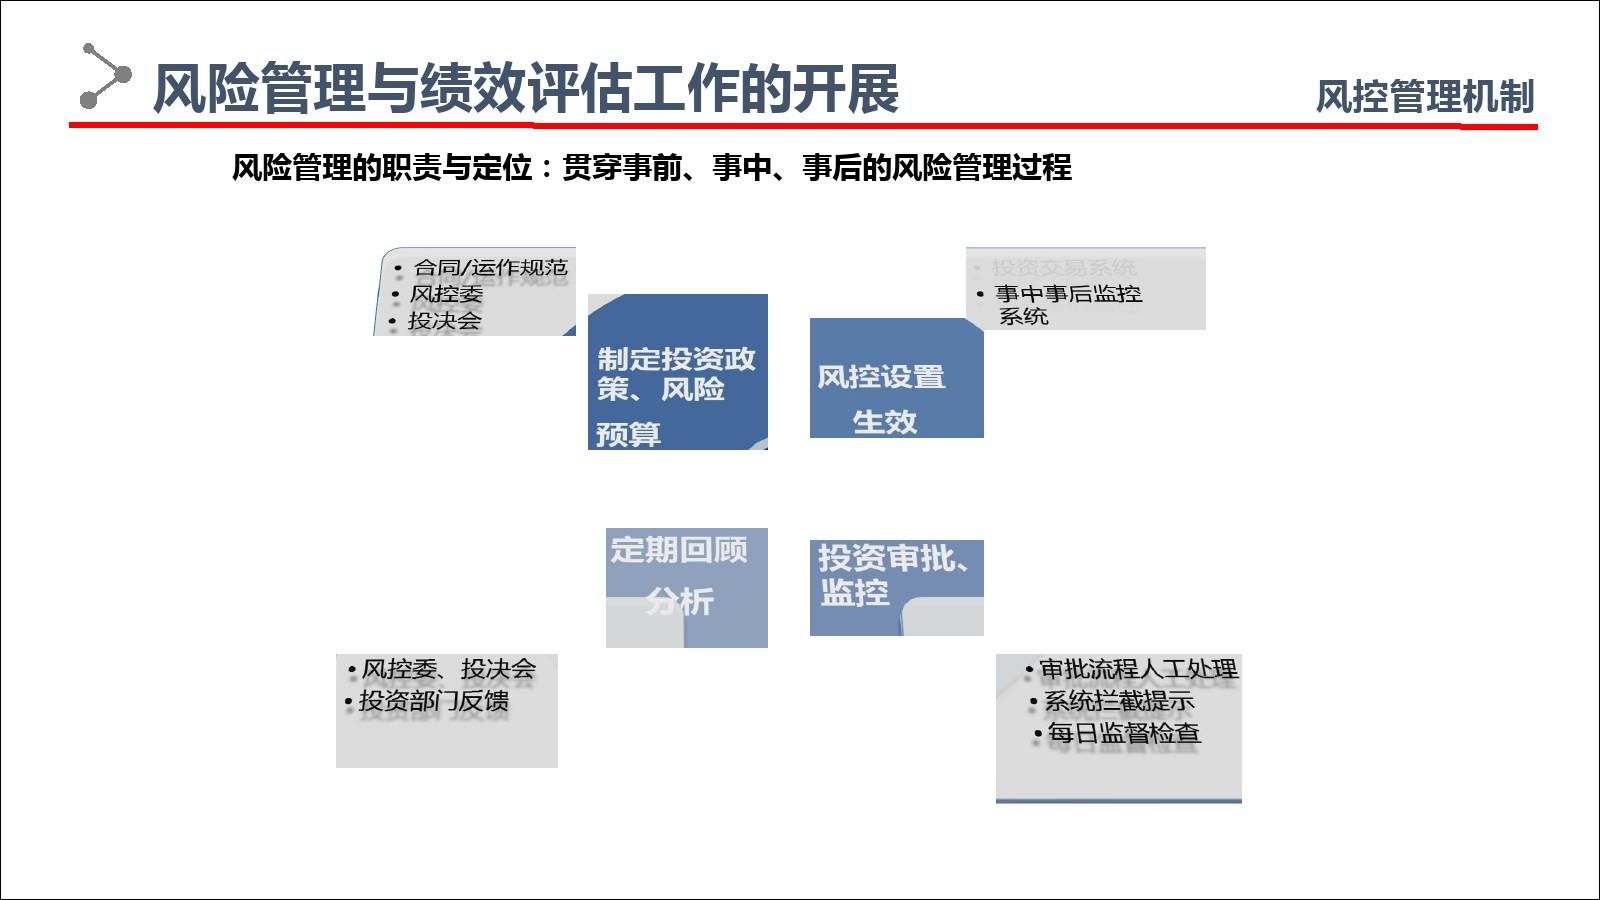 资产管理业务合规及信息化